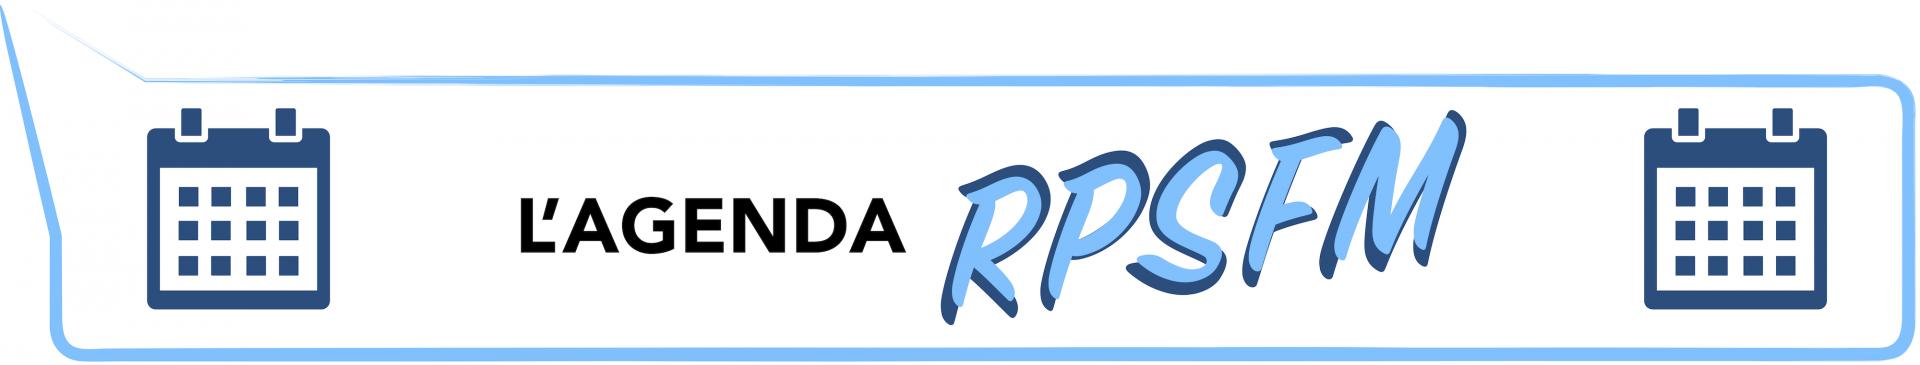 AGENDA RPSFM